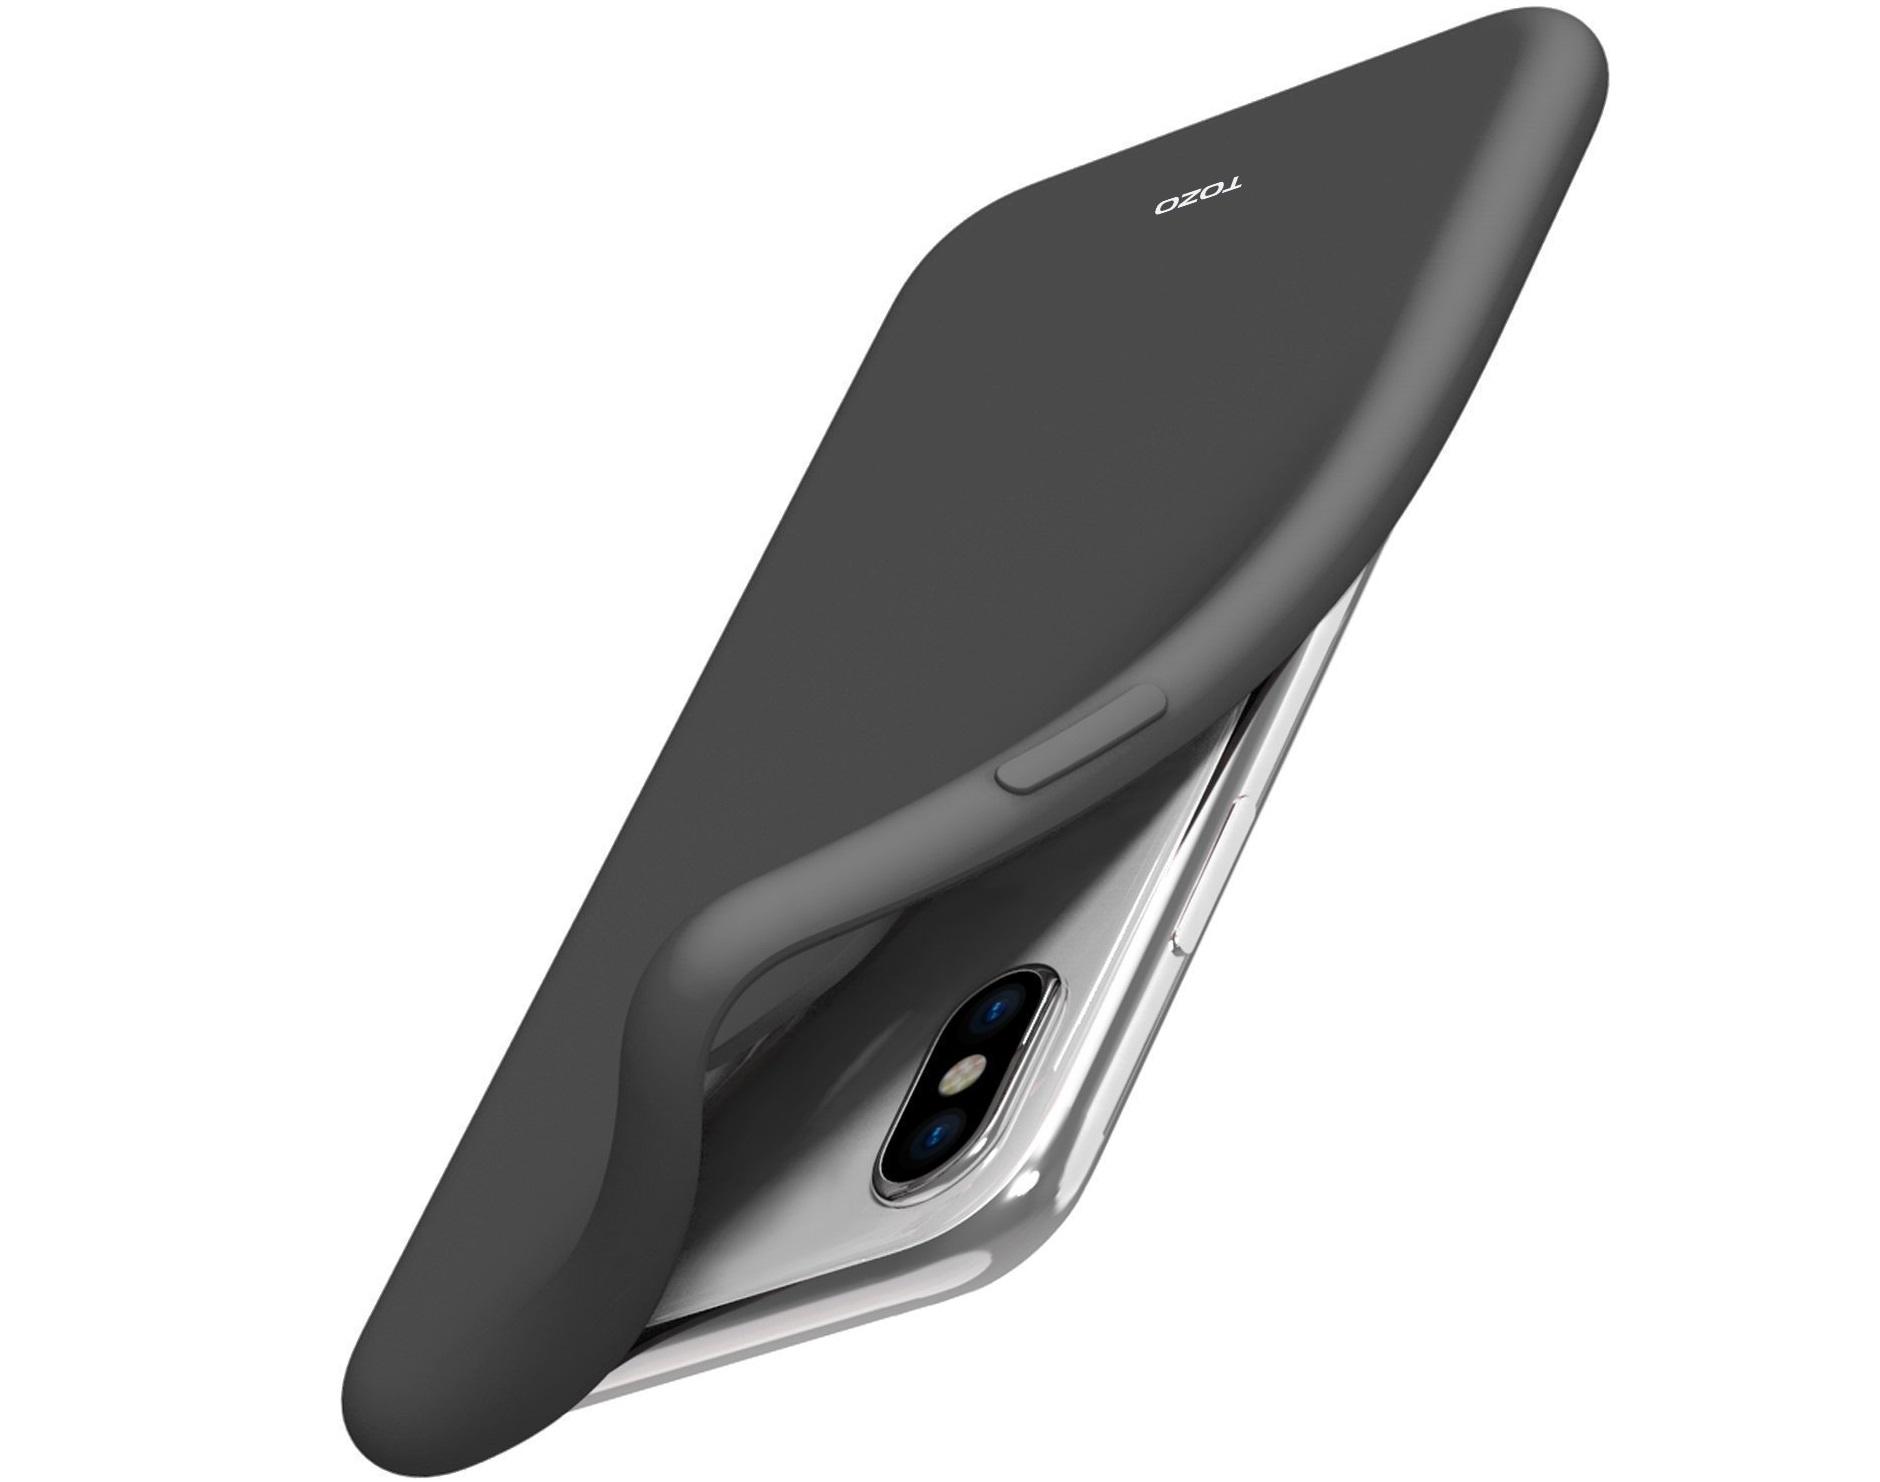 5738bae95f どれにする?iPhoneXのおすすめケース18選!【タイプ別】 | creive ...